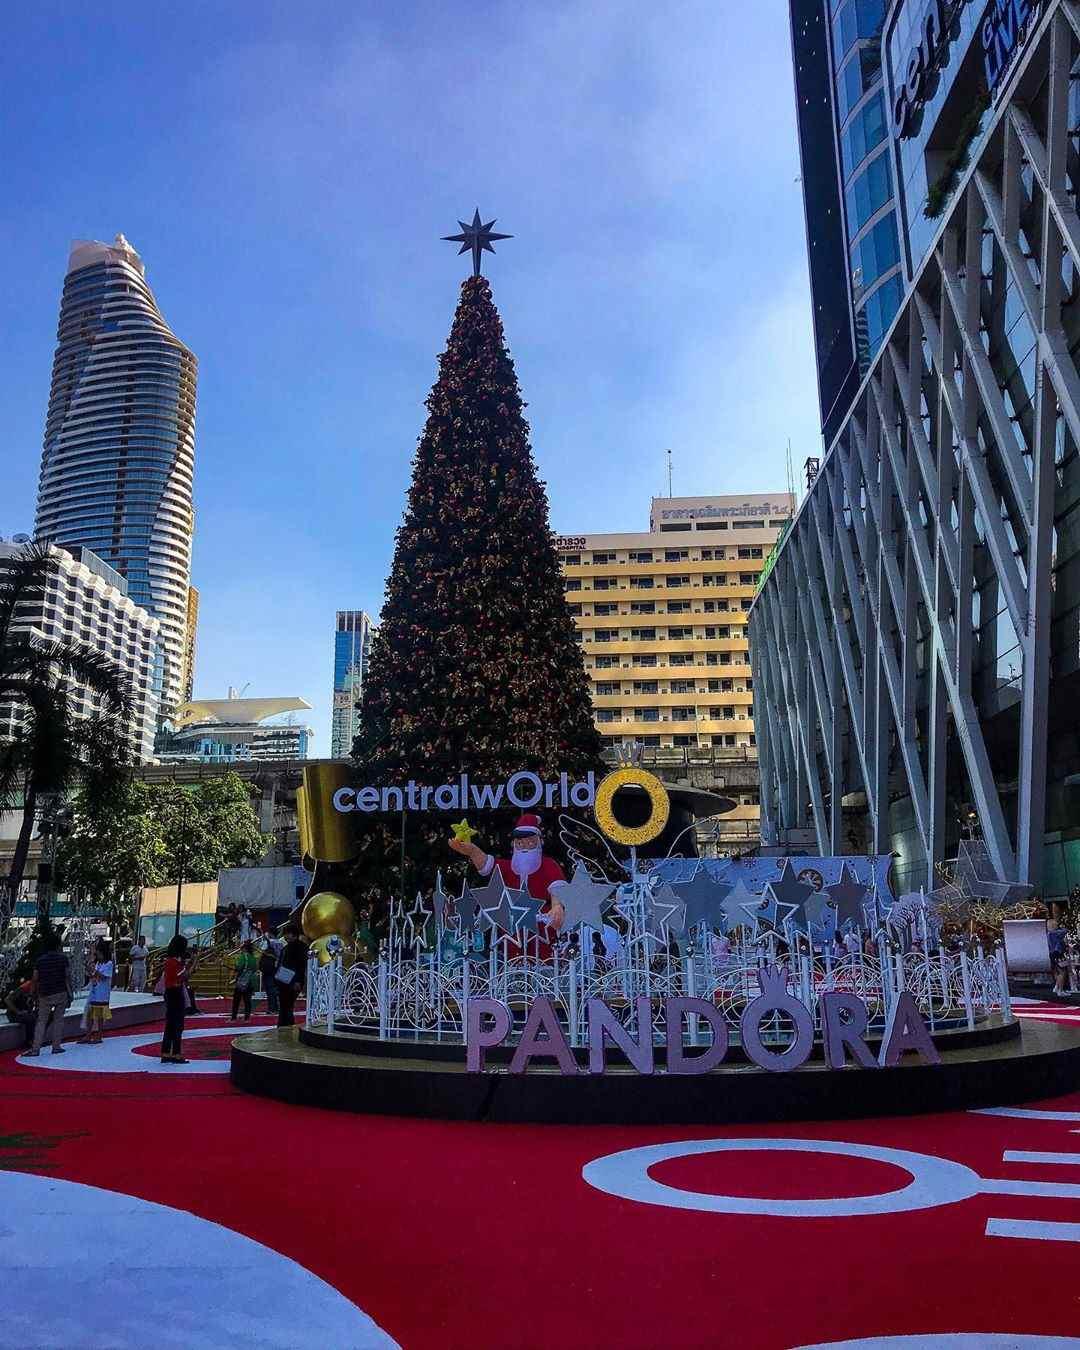 Large Christmas tree at CentralWorld in Bangkok